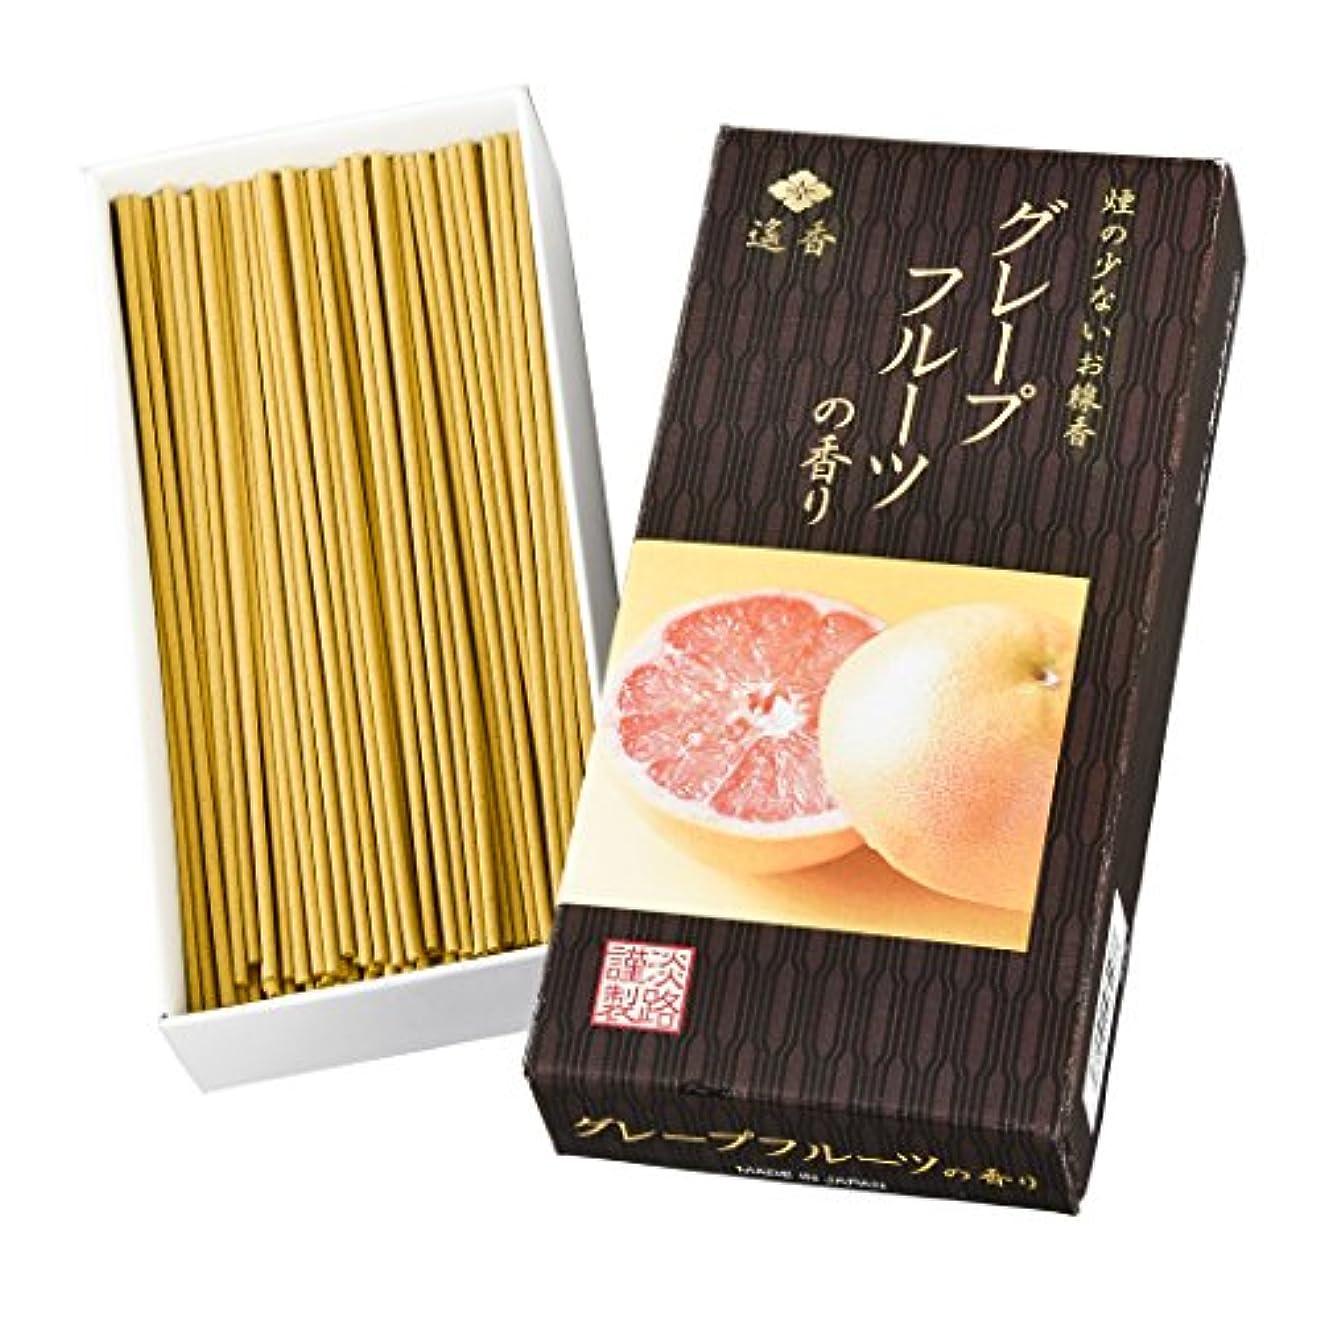 補助金豊かな序文良生活 遙香 グレープフルーツの香り 3個